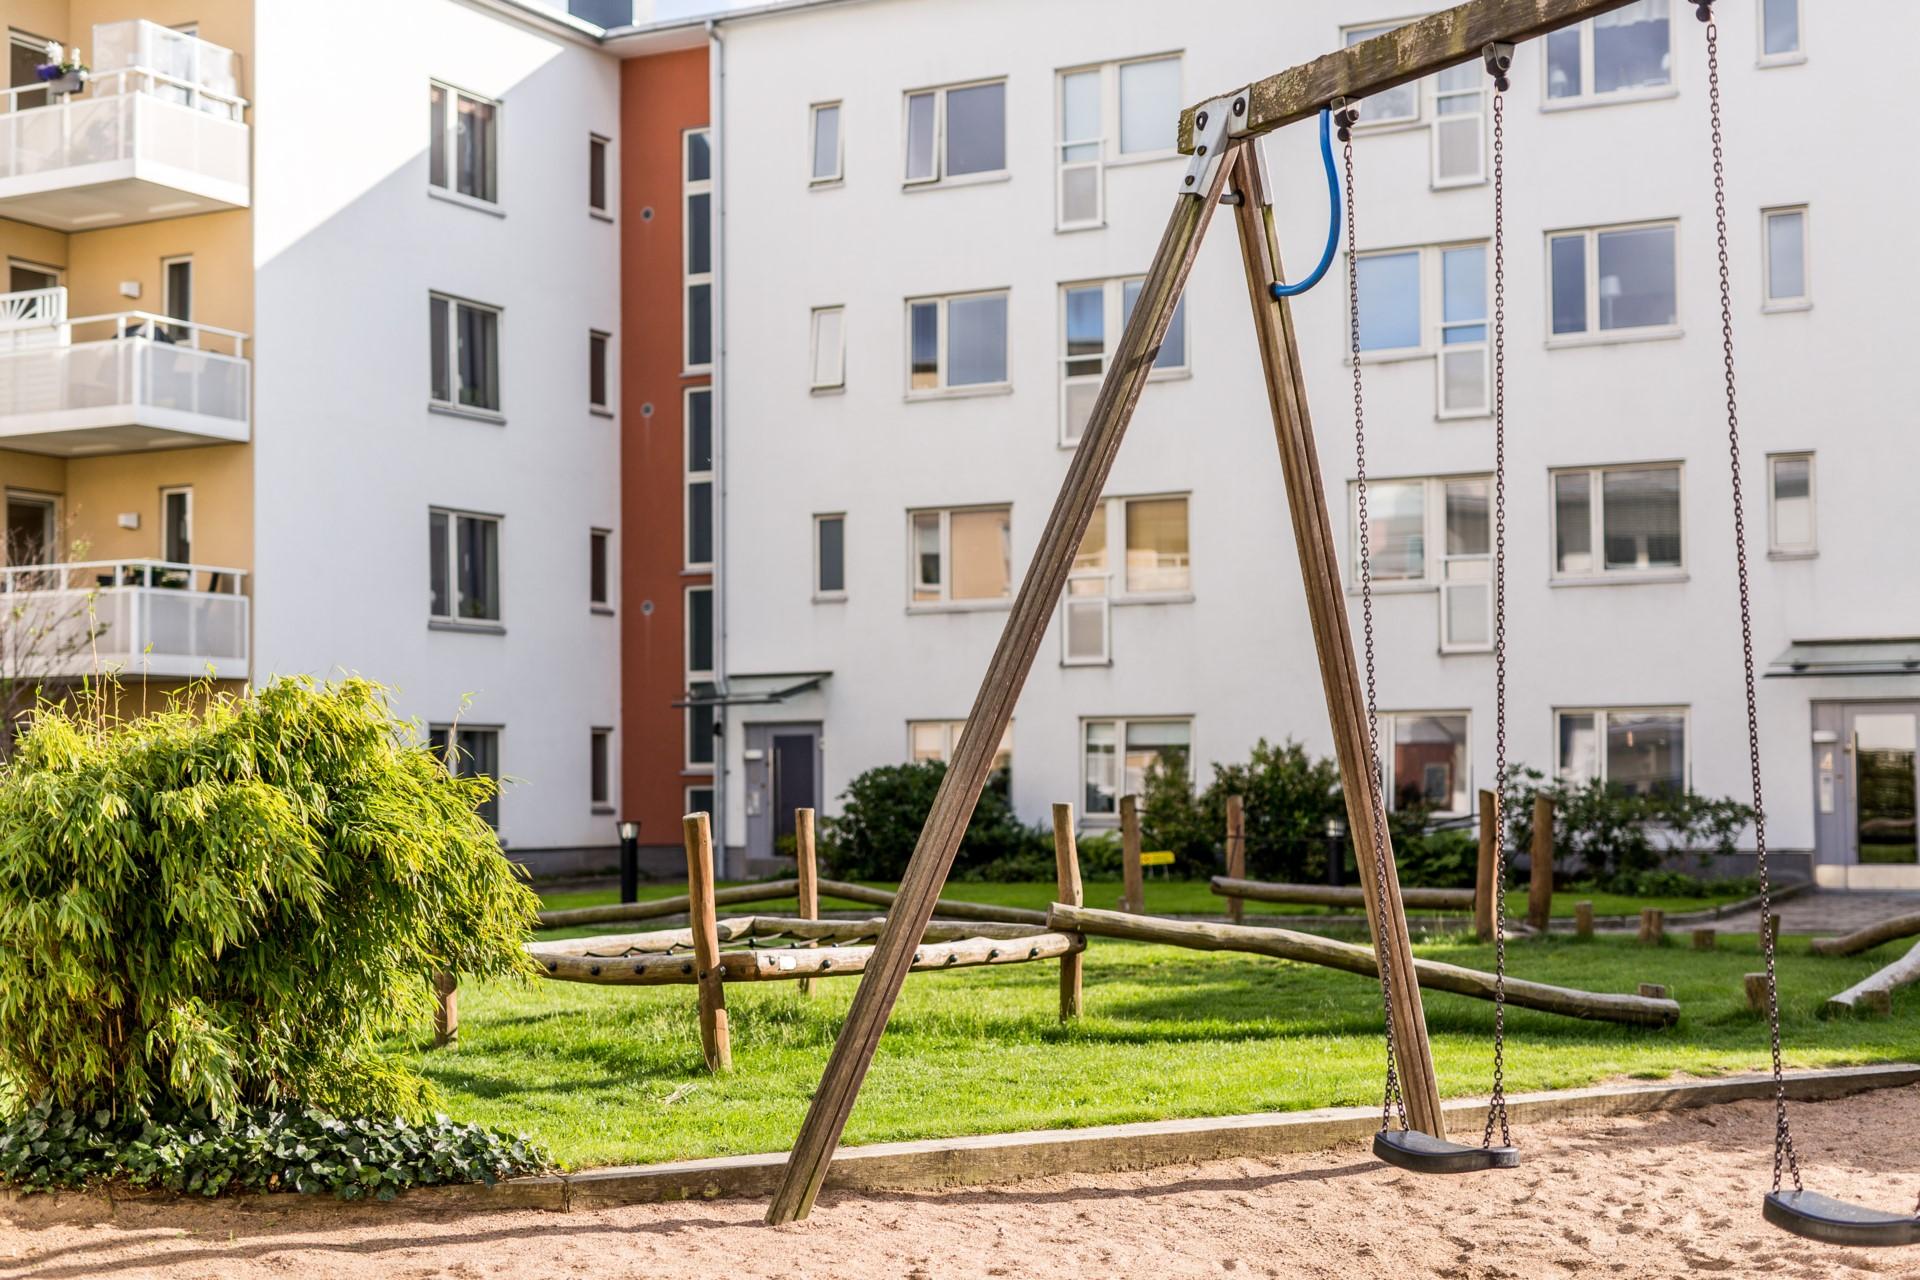 Ångaren Ernas Gata 1-29